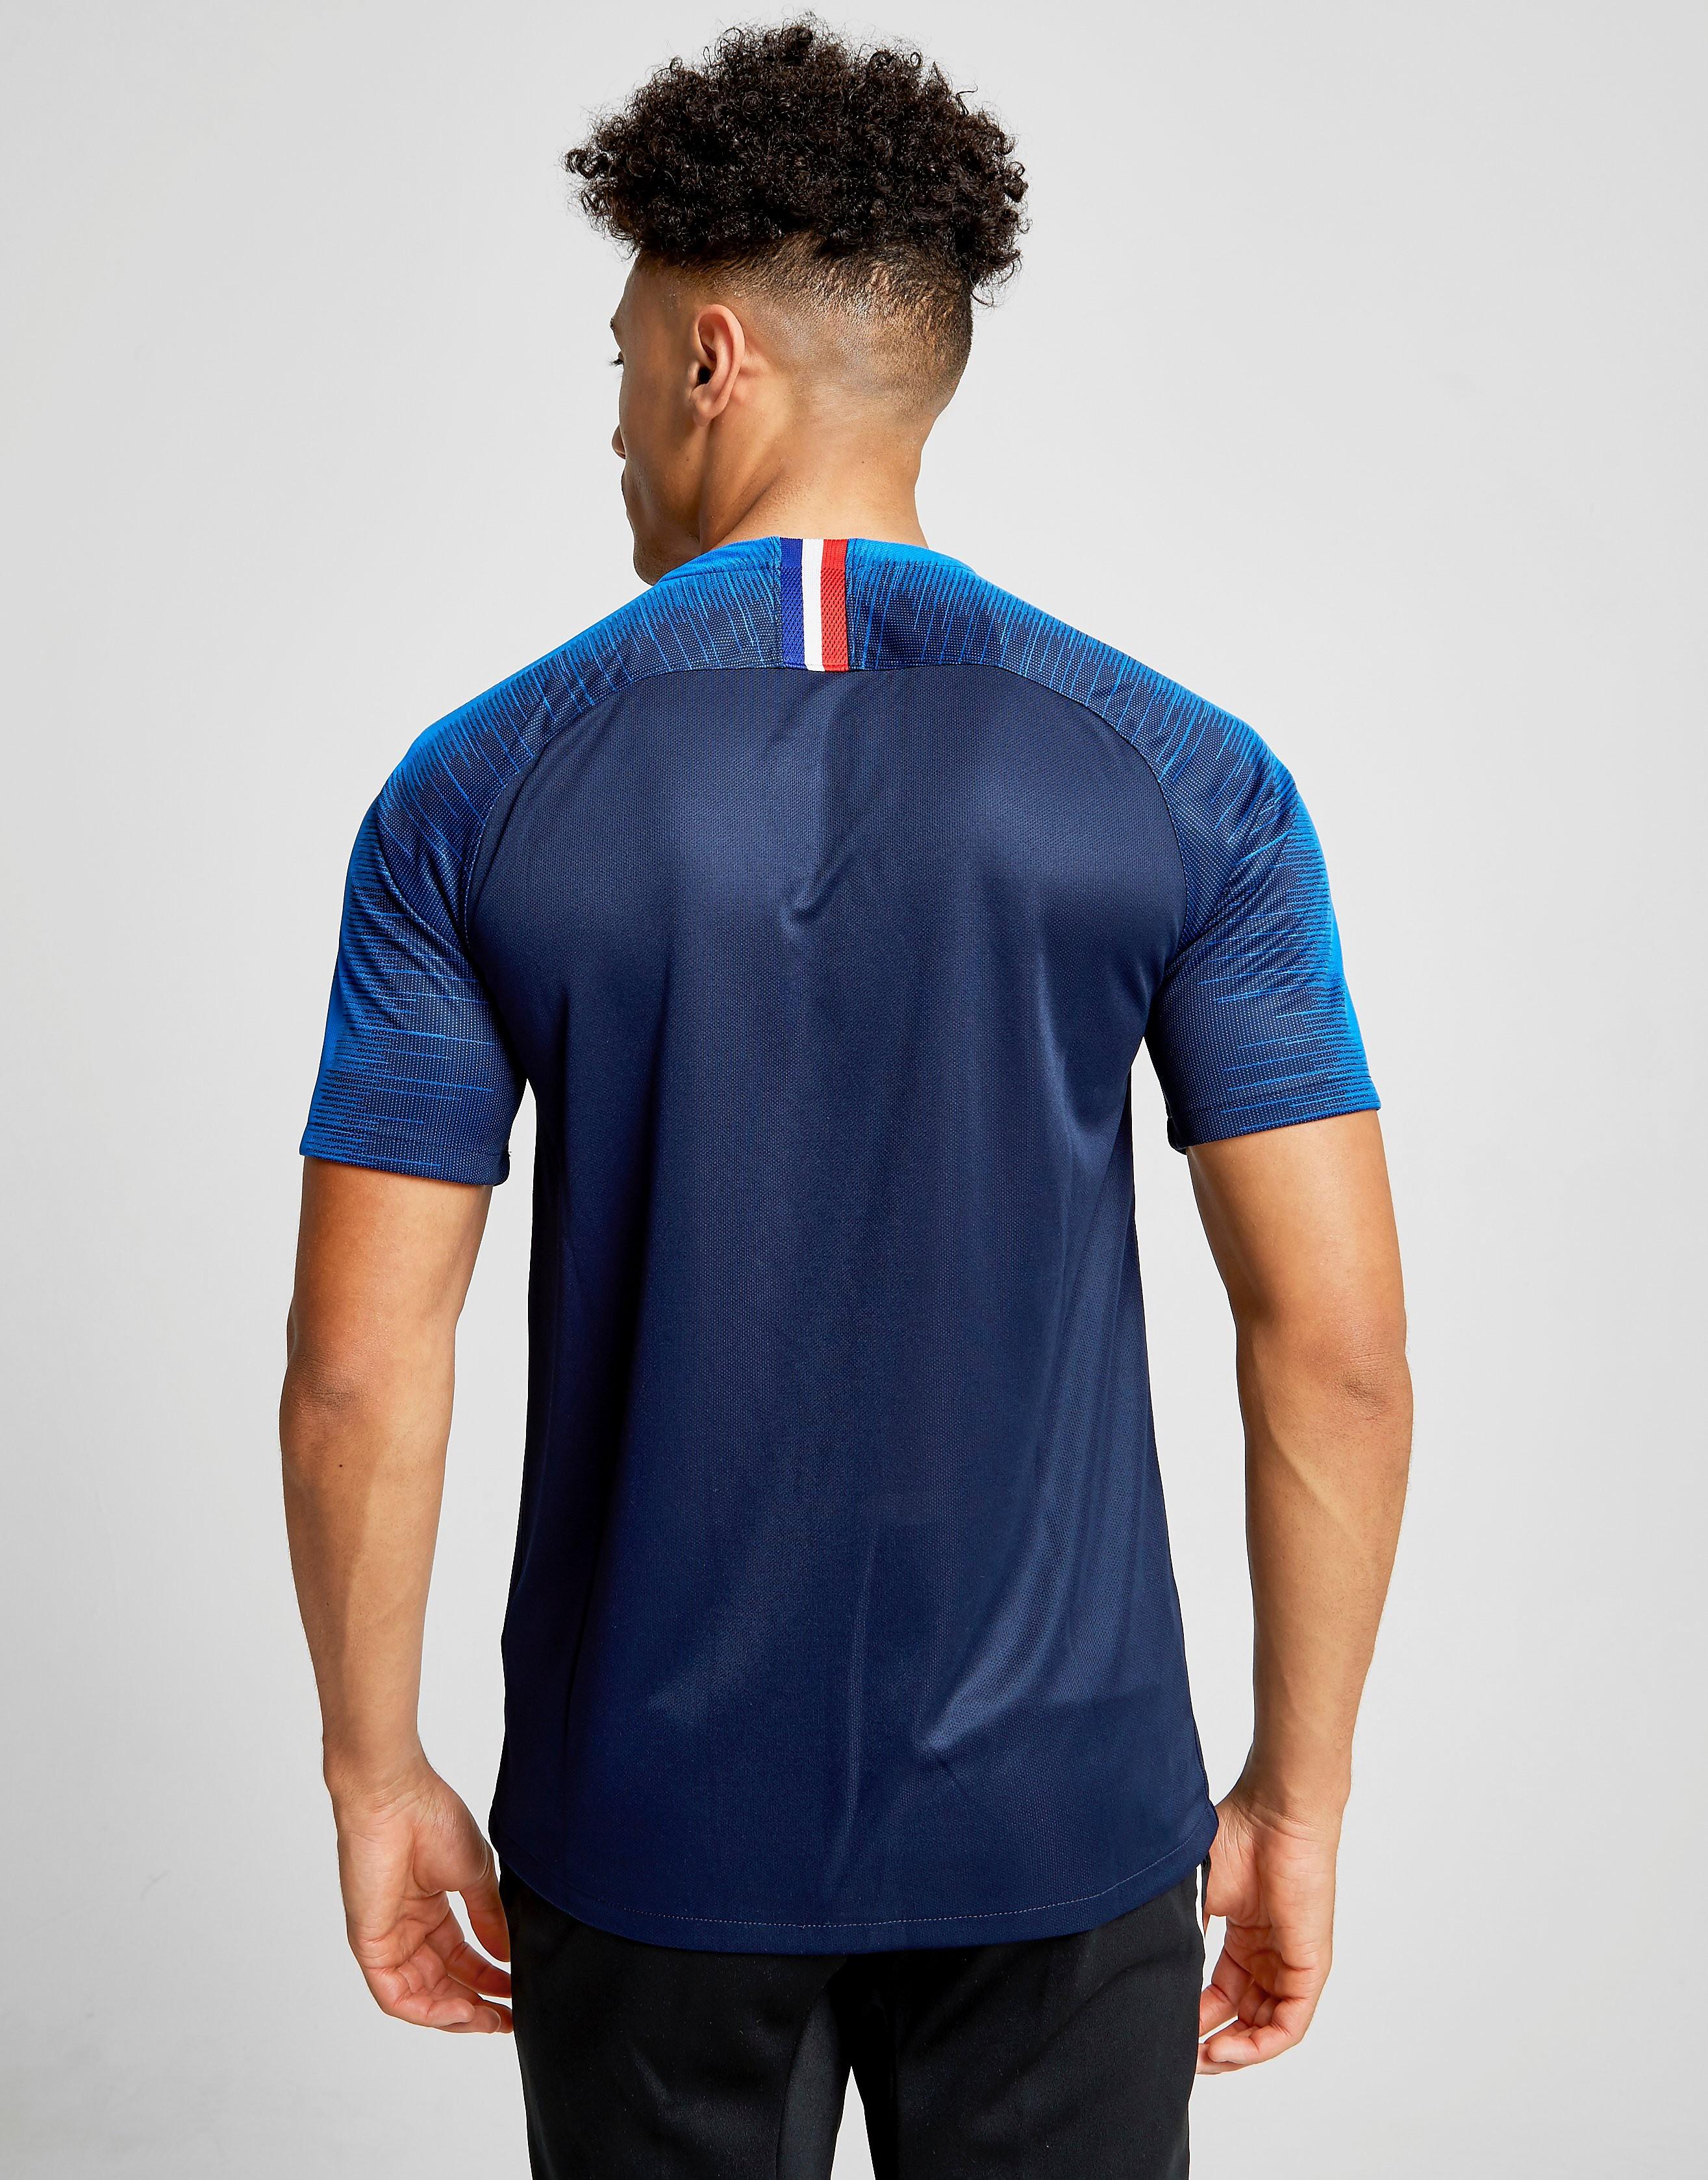 Nike Maillot Domicile France 2018 Homme